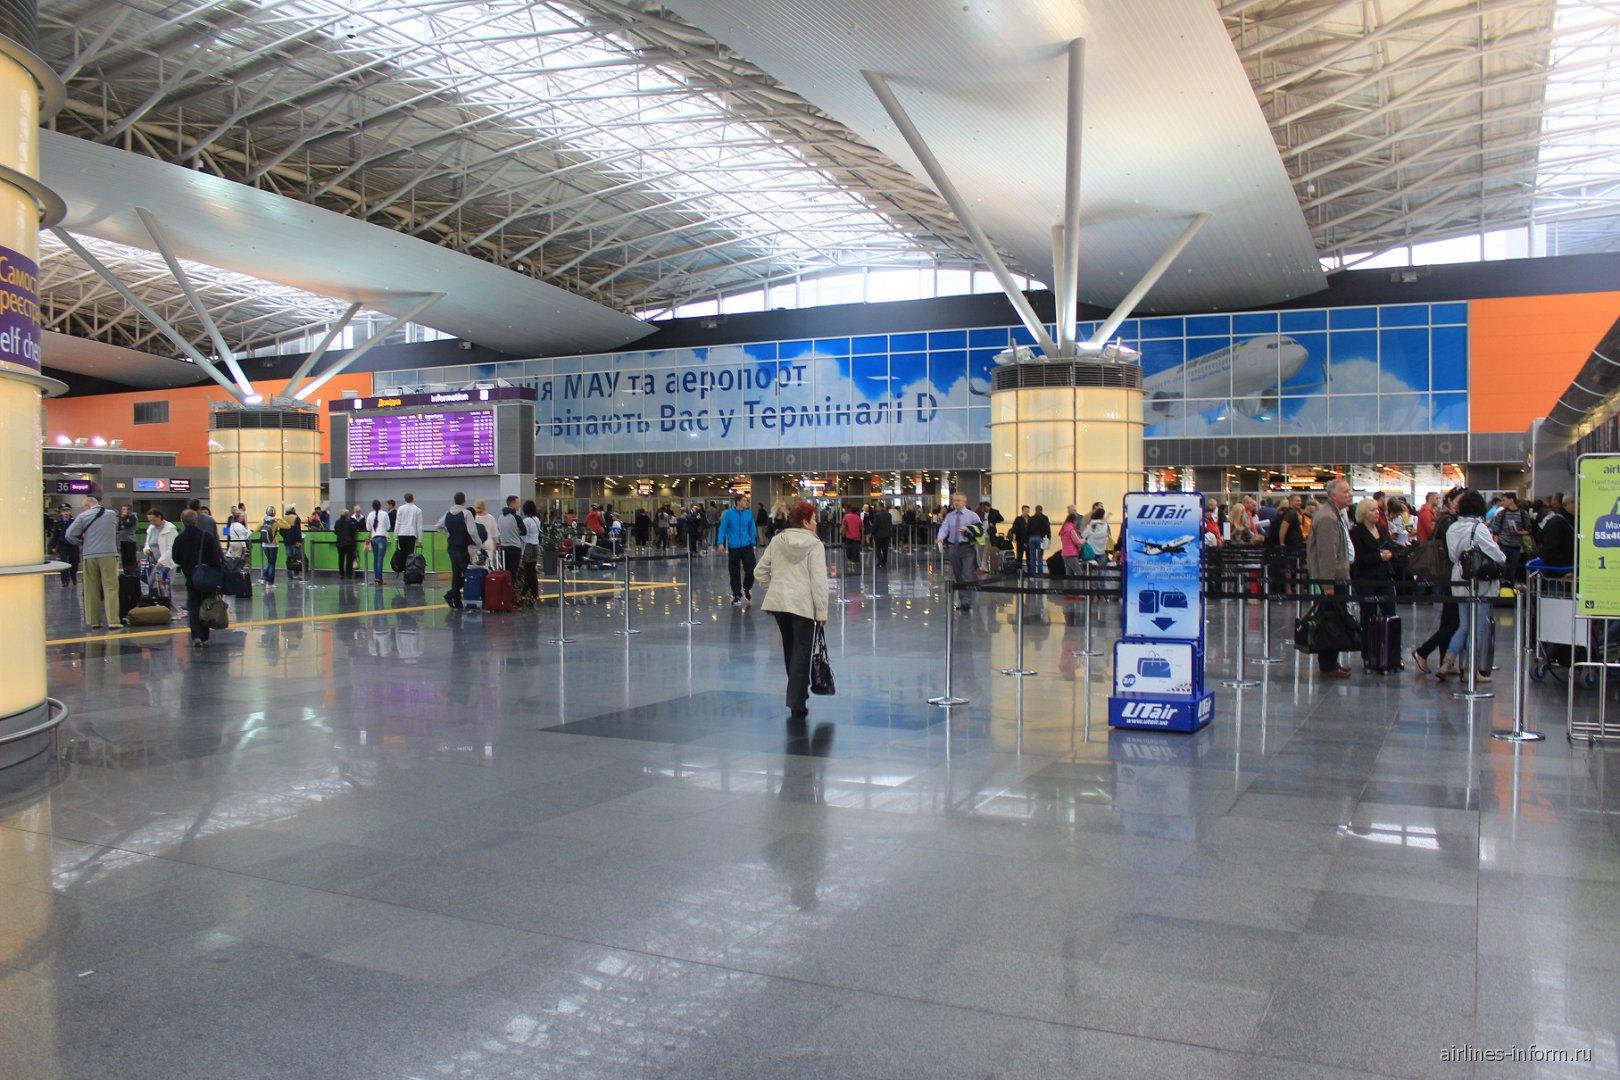 Зона вылета в Терминале D аэропорта Борисполь